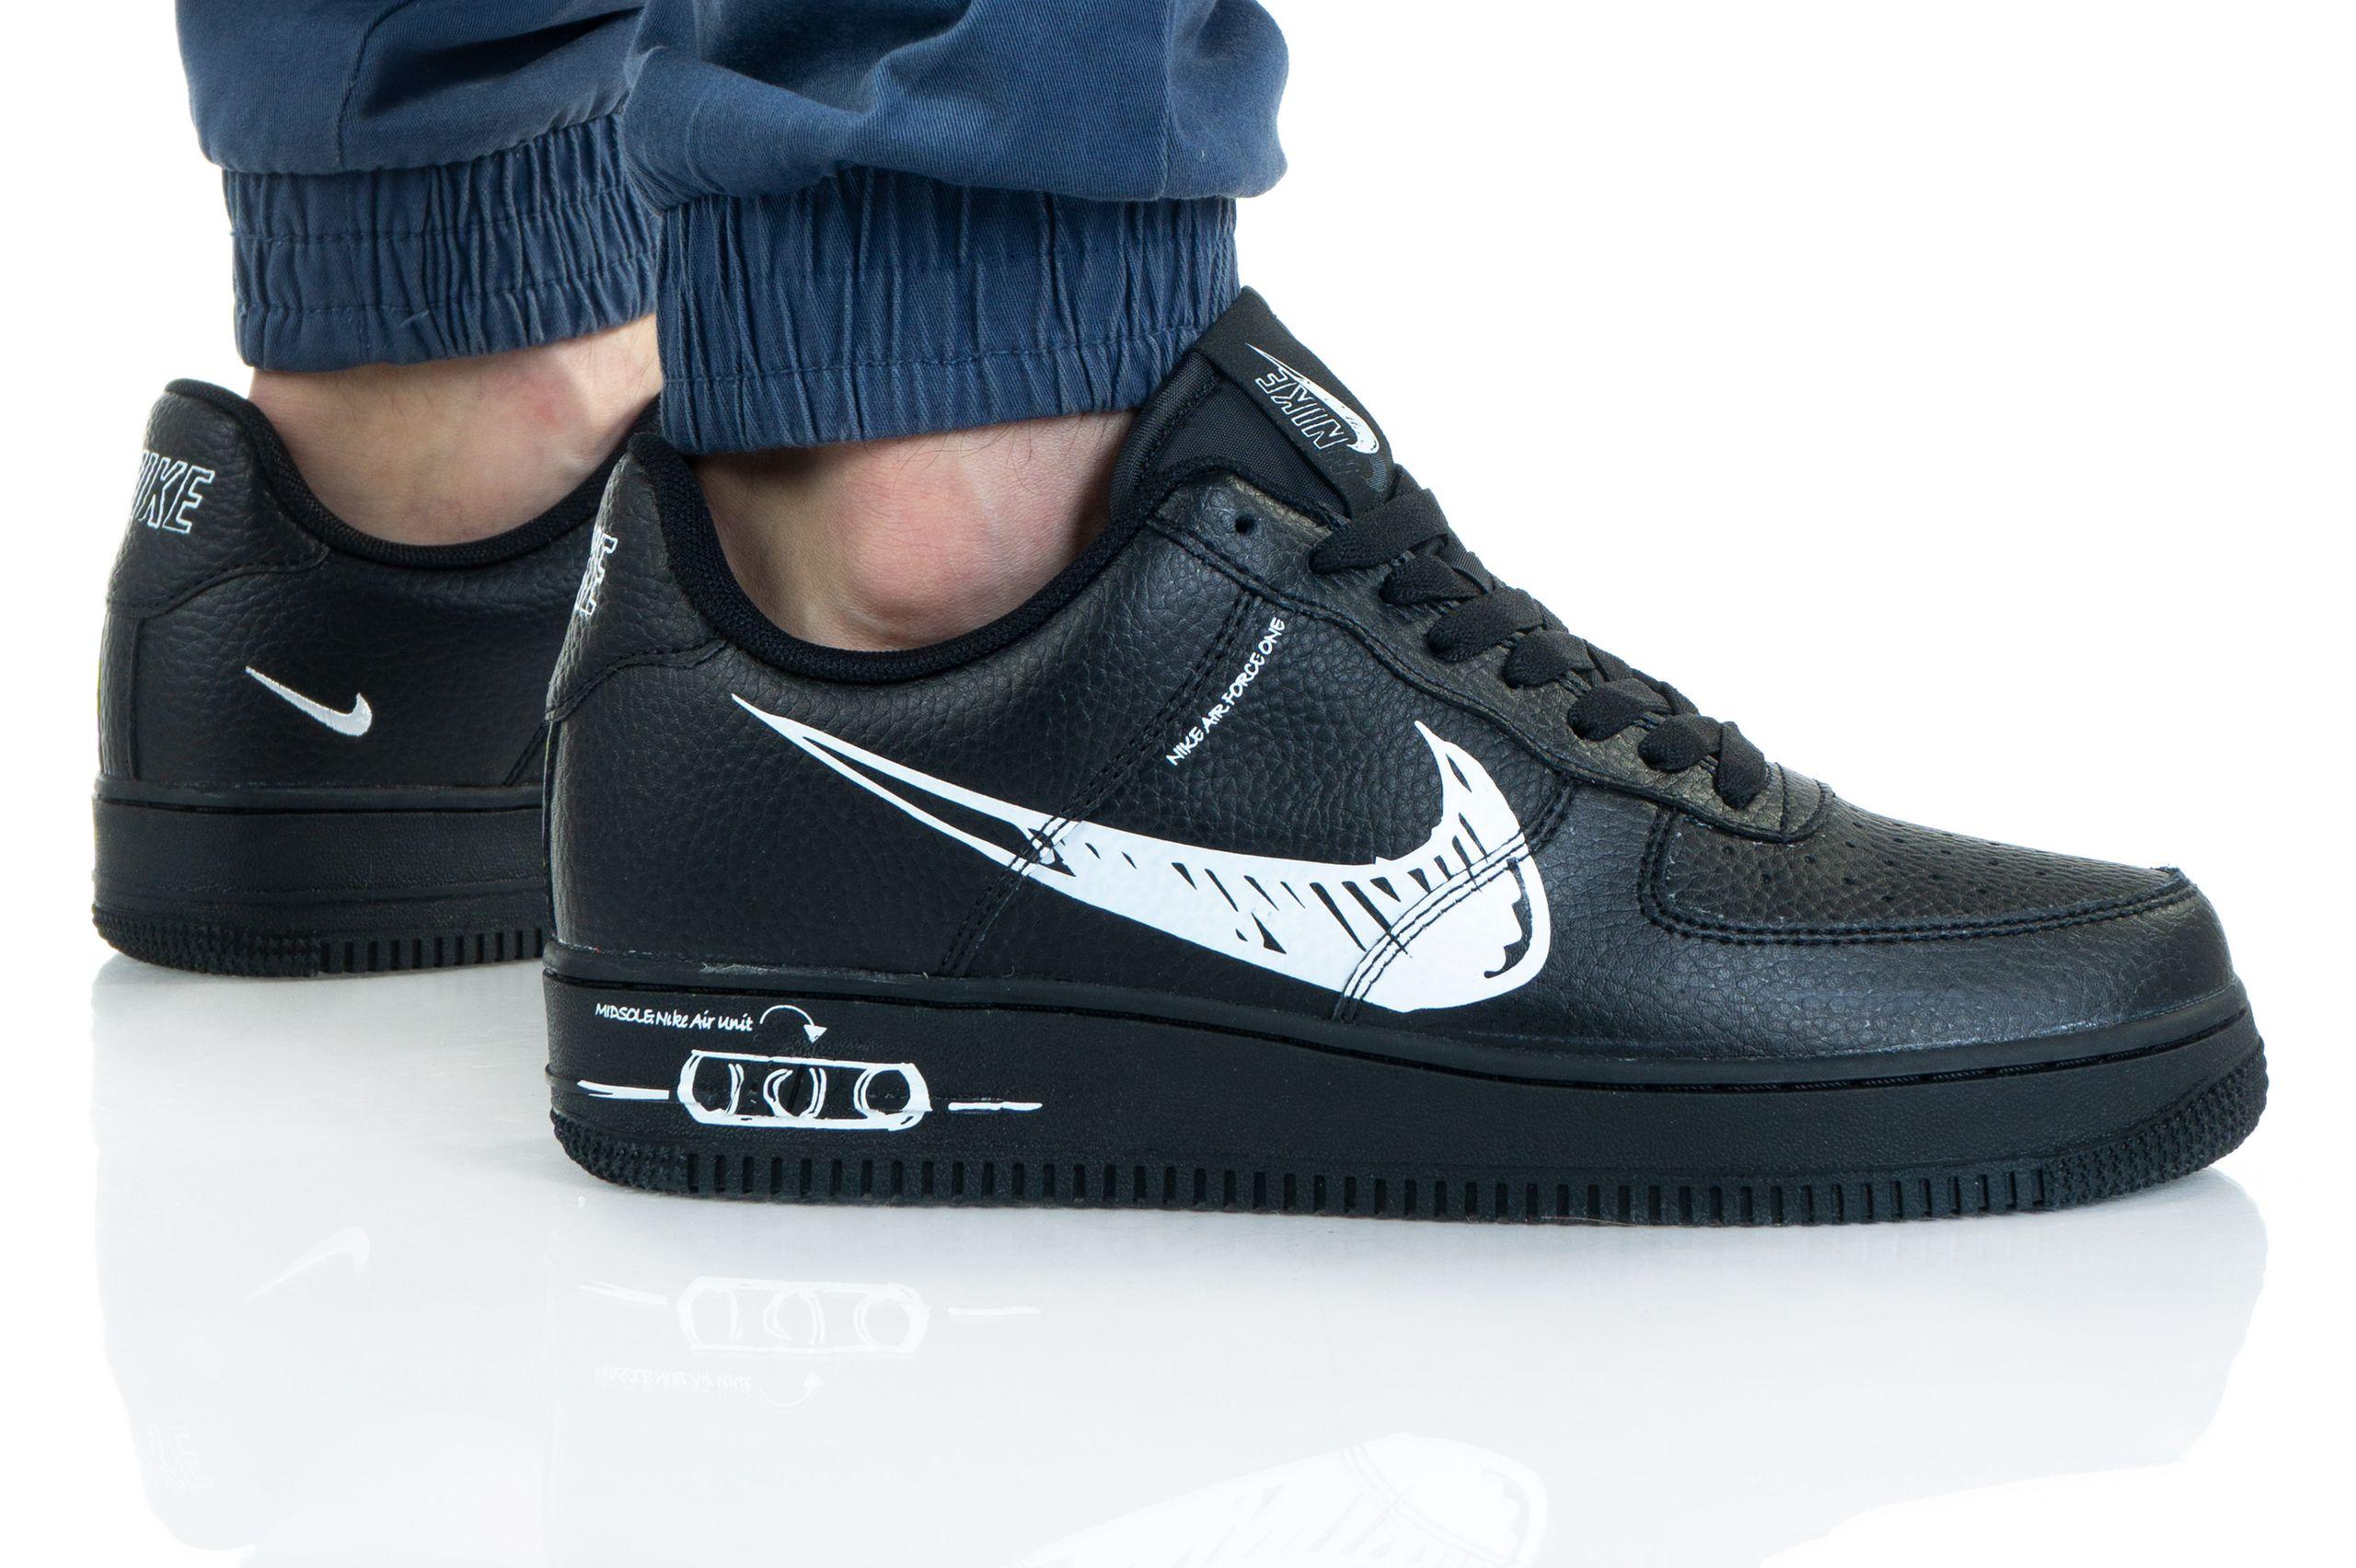 Bottes Nike AIR FORCE 1 LV8 UTILITY CW7581-001   immi b2b